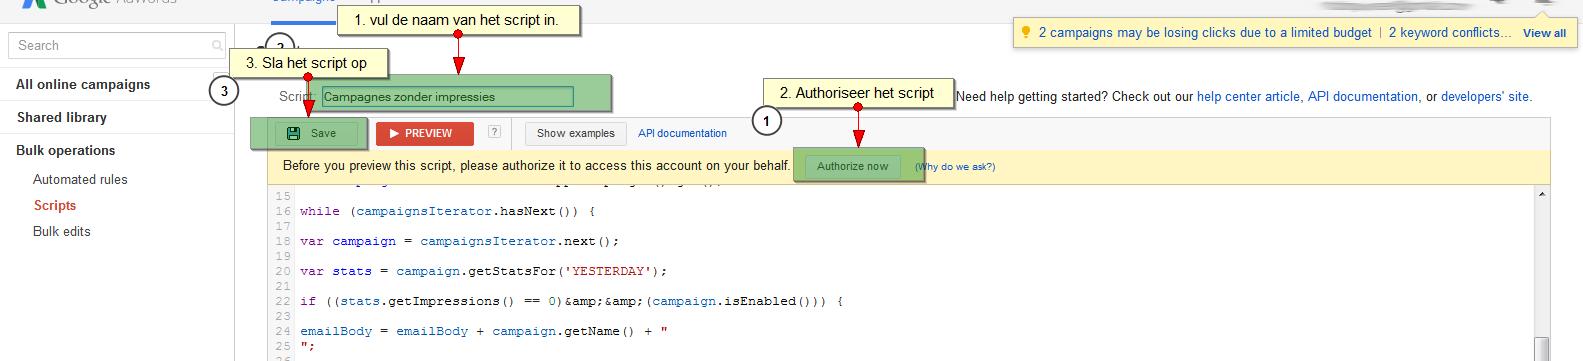 stap 3 adwords script invullen - Adwords script email met campagnes zonder impressies